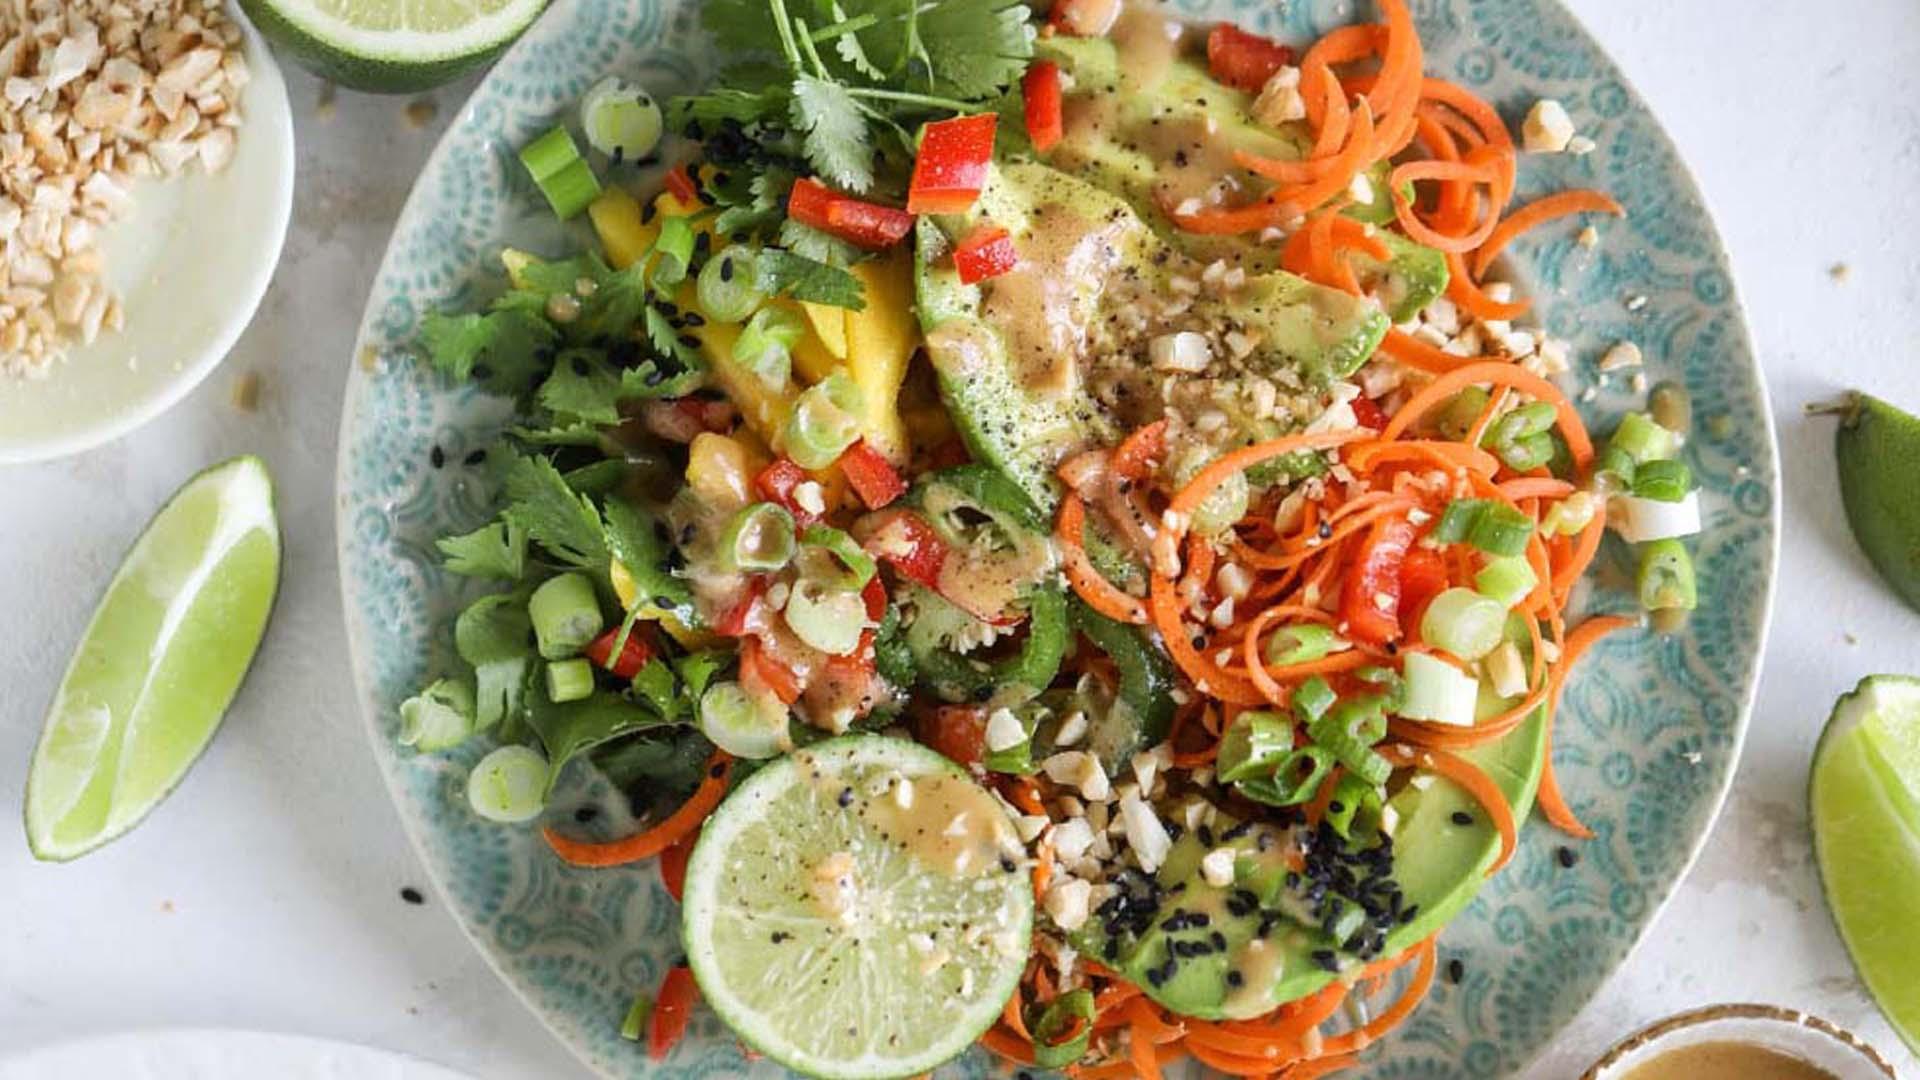 Monte del Frà pairings: 'Ega garganega e insalata thailandese con avocado